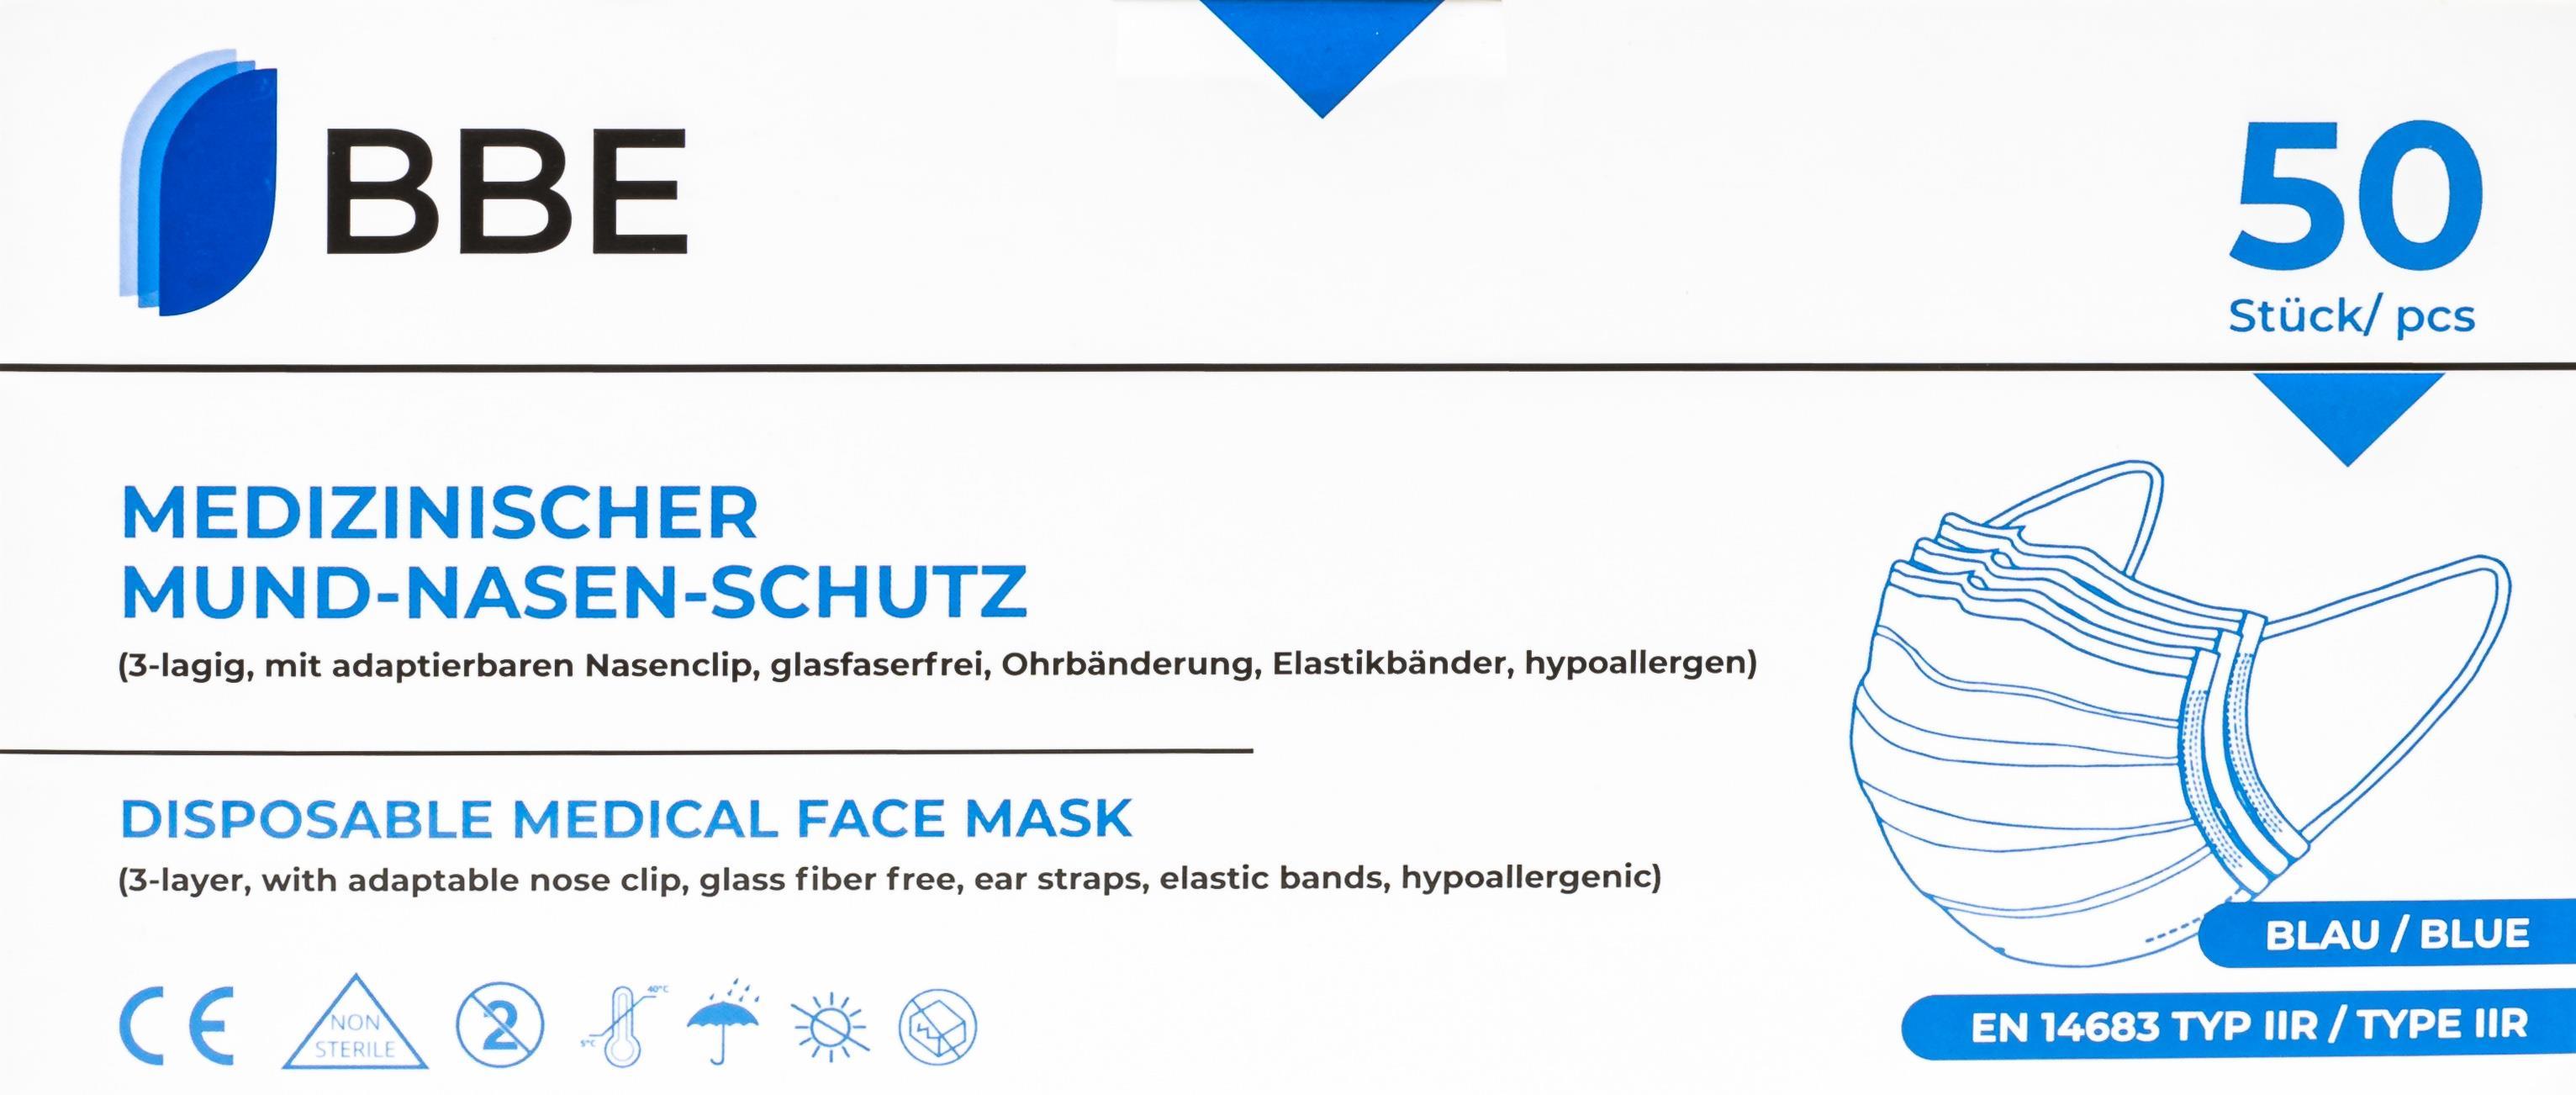 Medizinischer Mund-Nasen-Schutz BBE